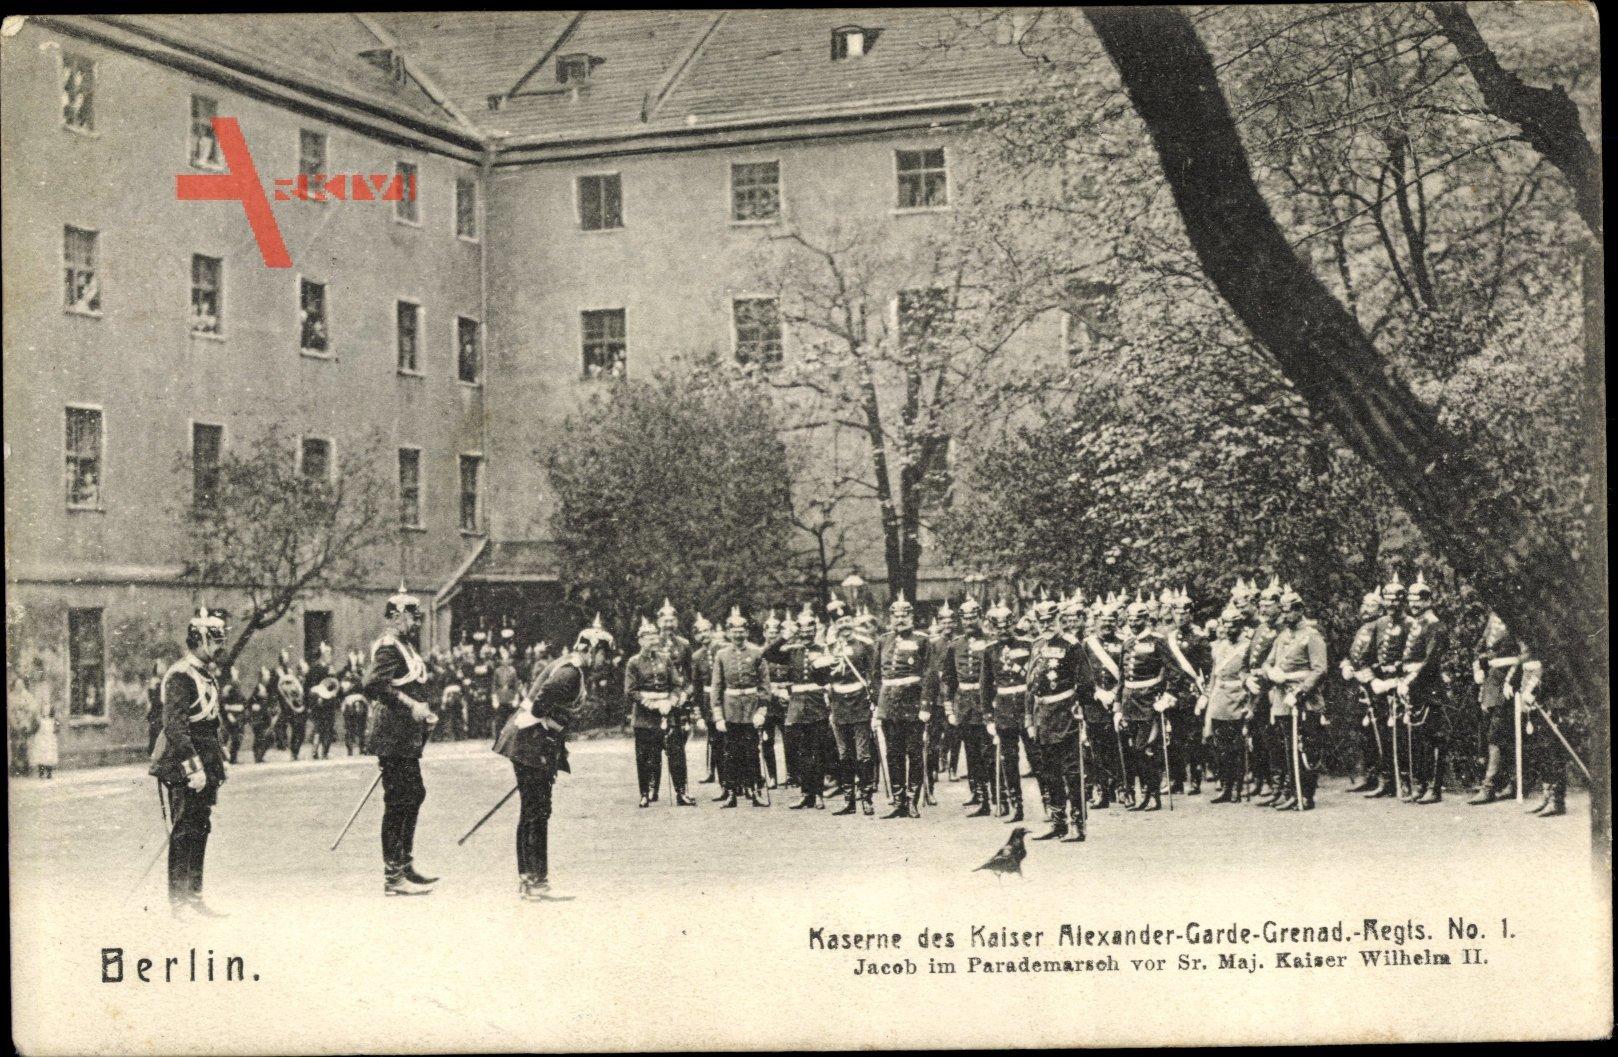 Berlin Mitte, Kaserne vom Kaiser Alexander Garde Gren. Regt. Nr. 1, Parademarsch vor Wilhelm II.